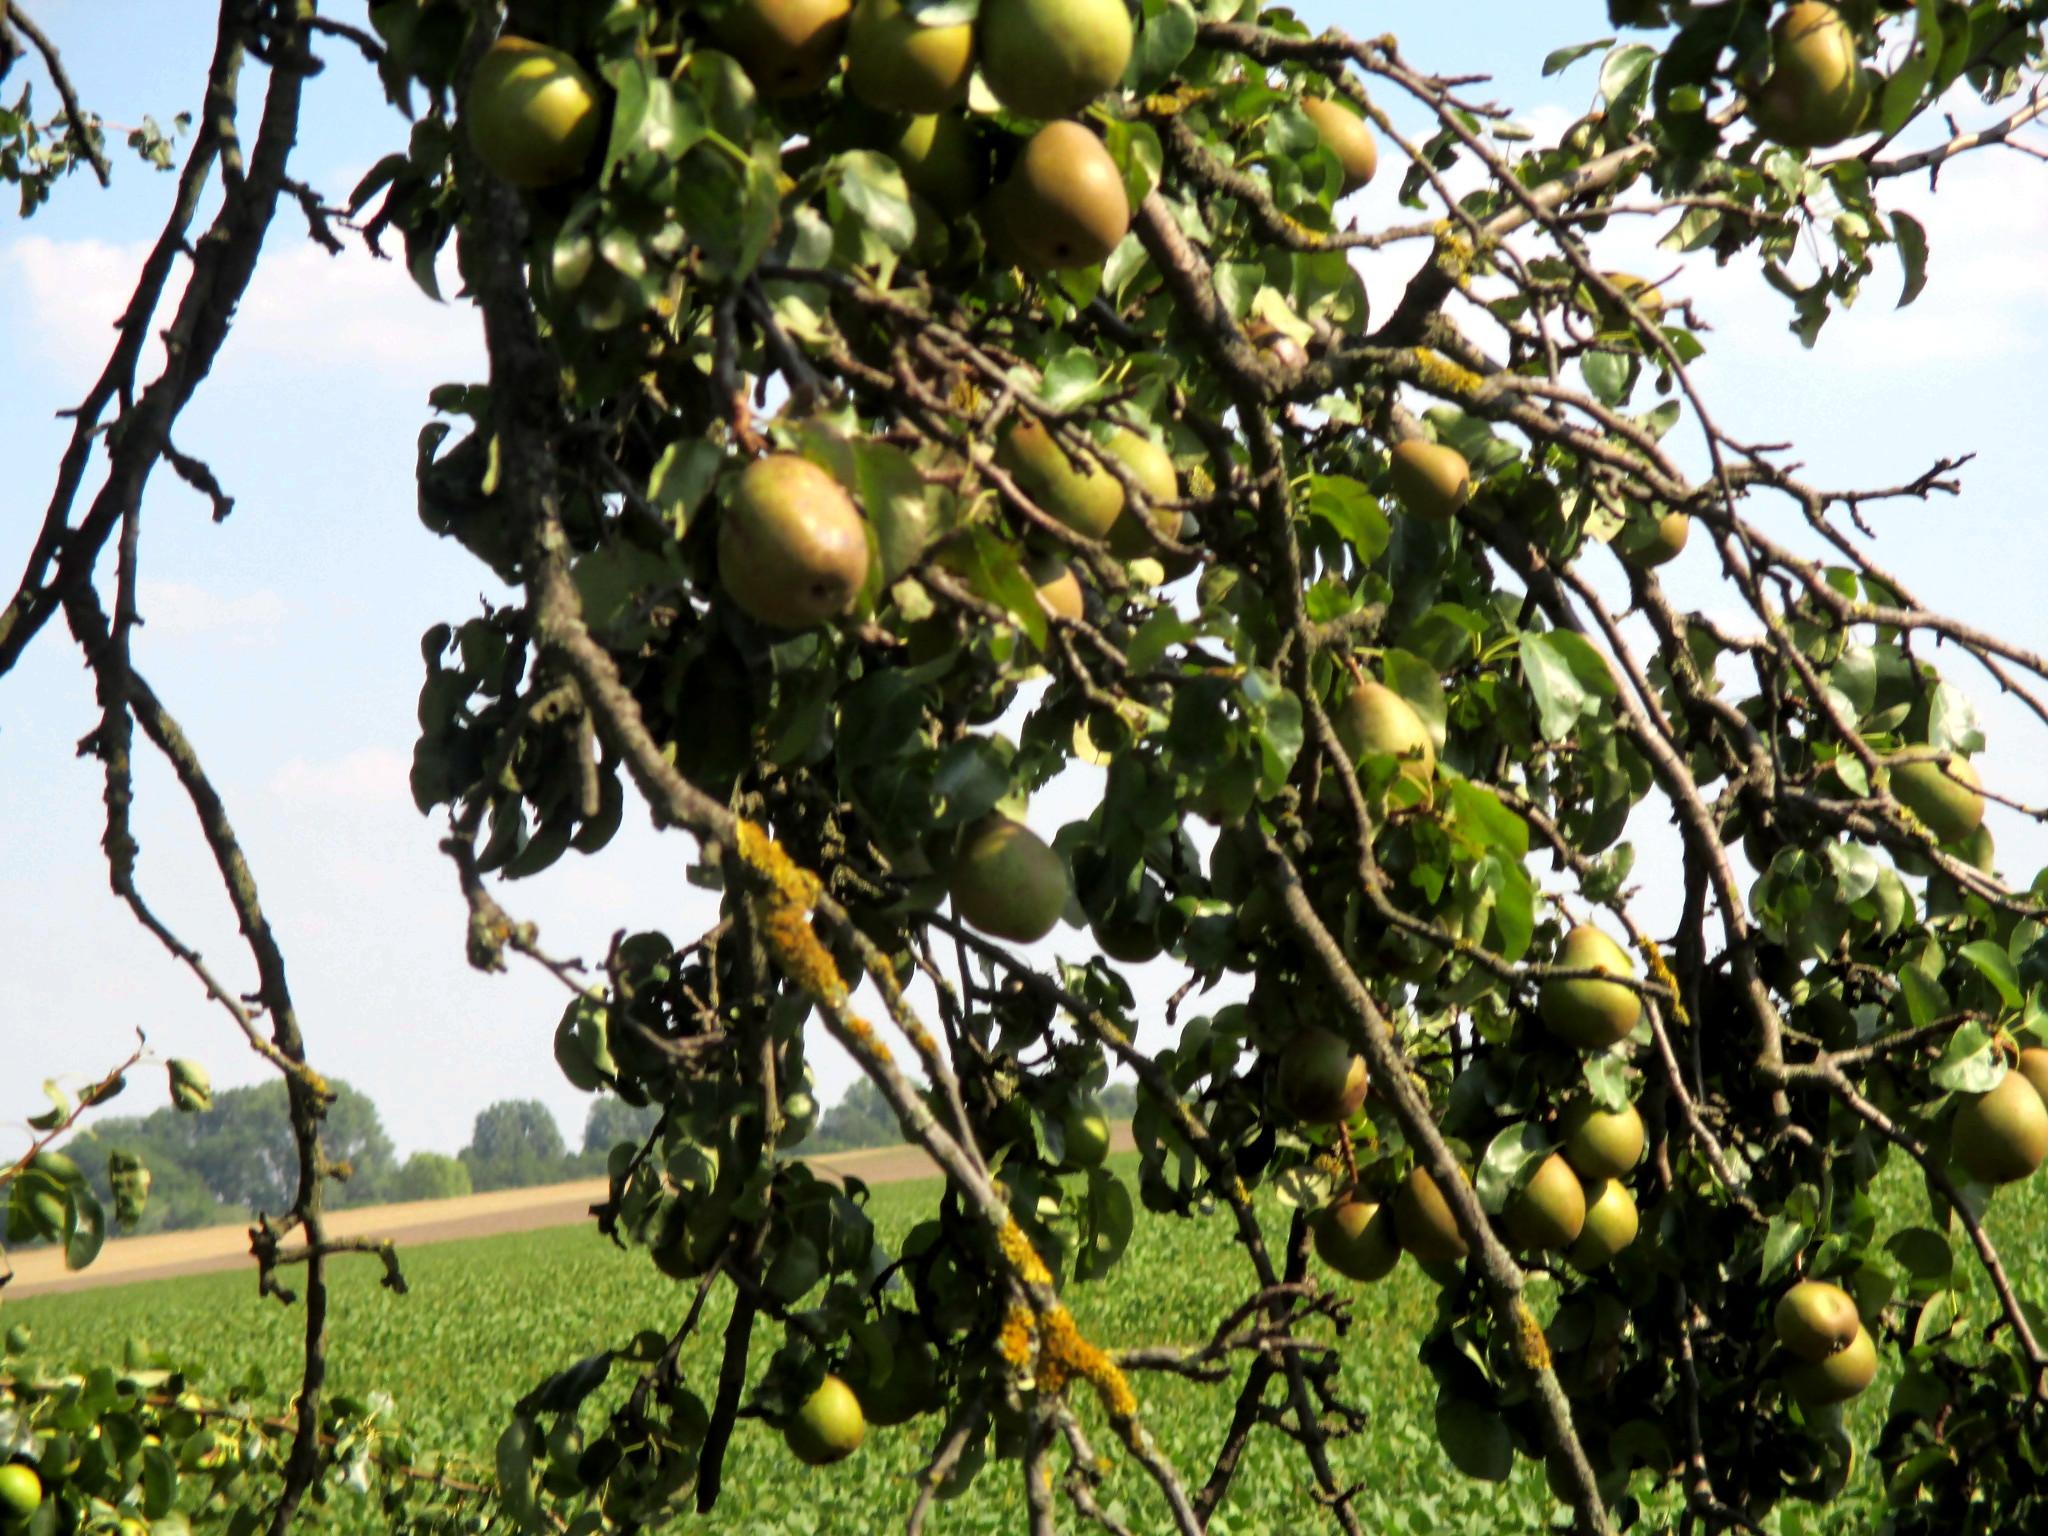 Obst am Wgwesrand -22.8.15   (5)